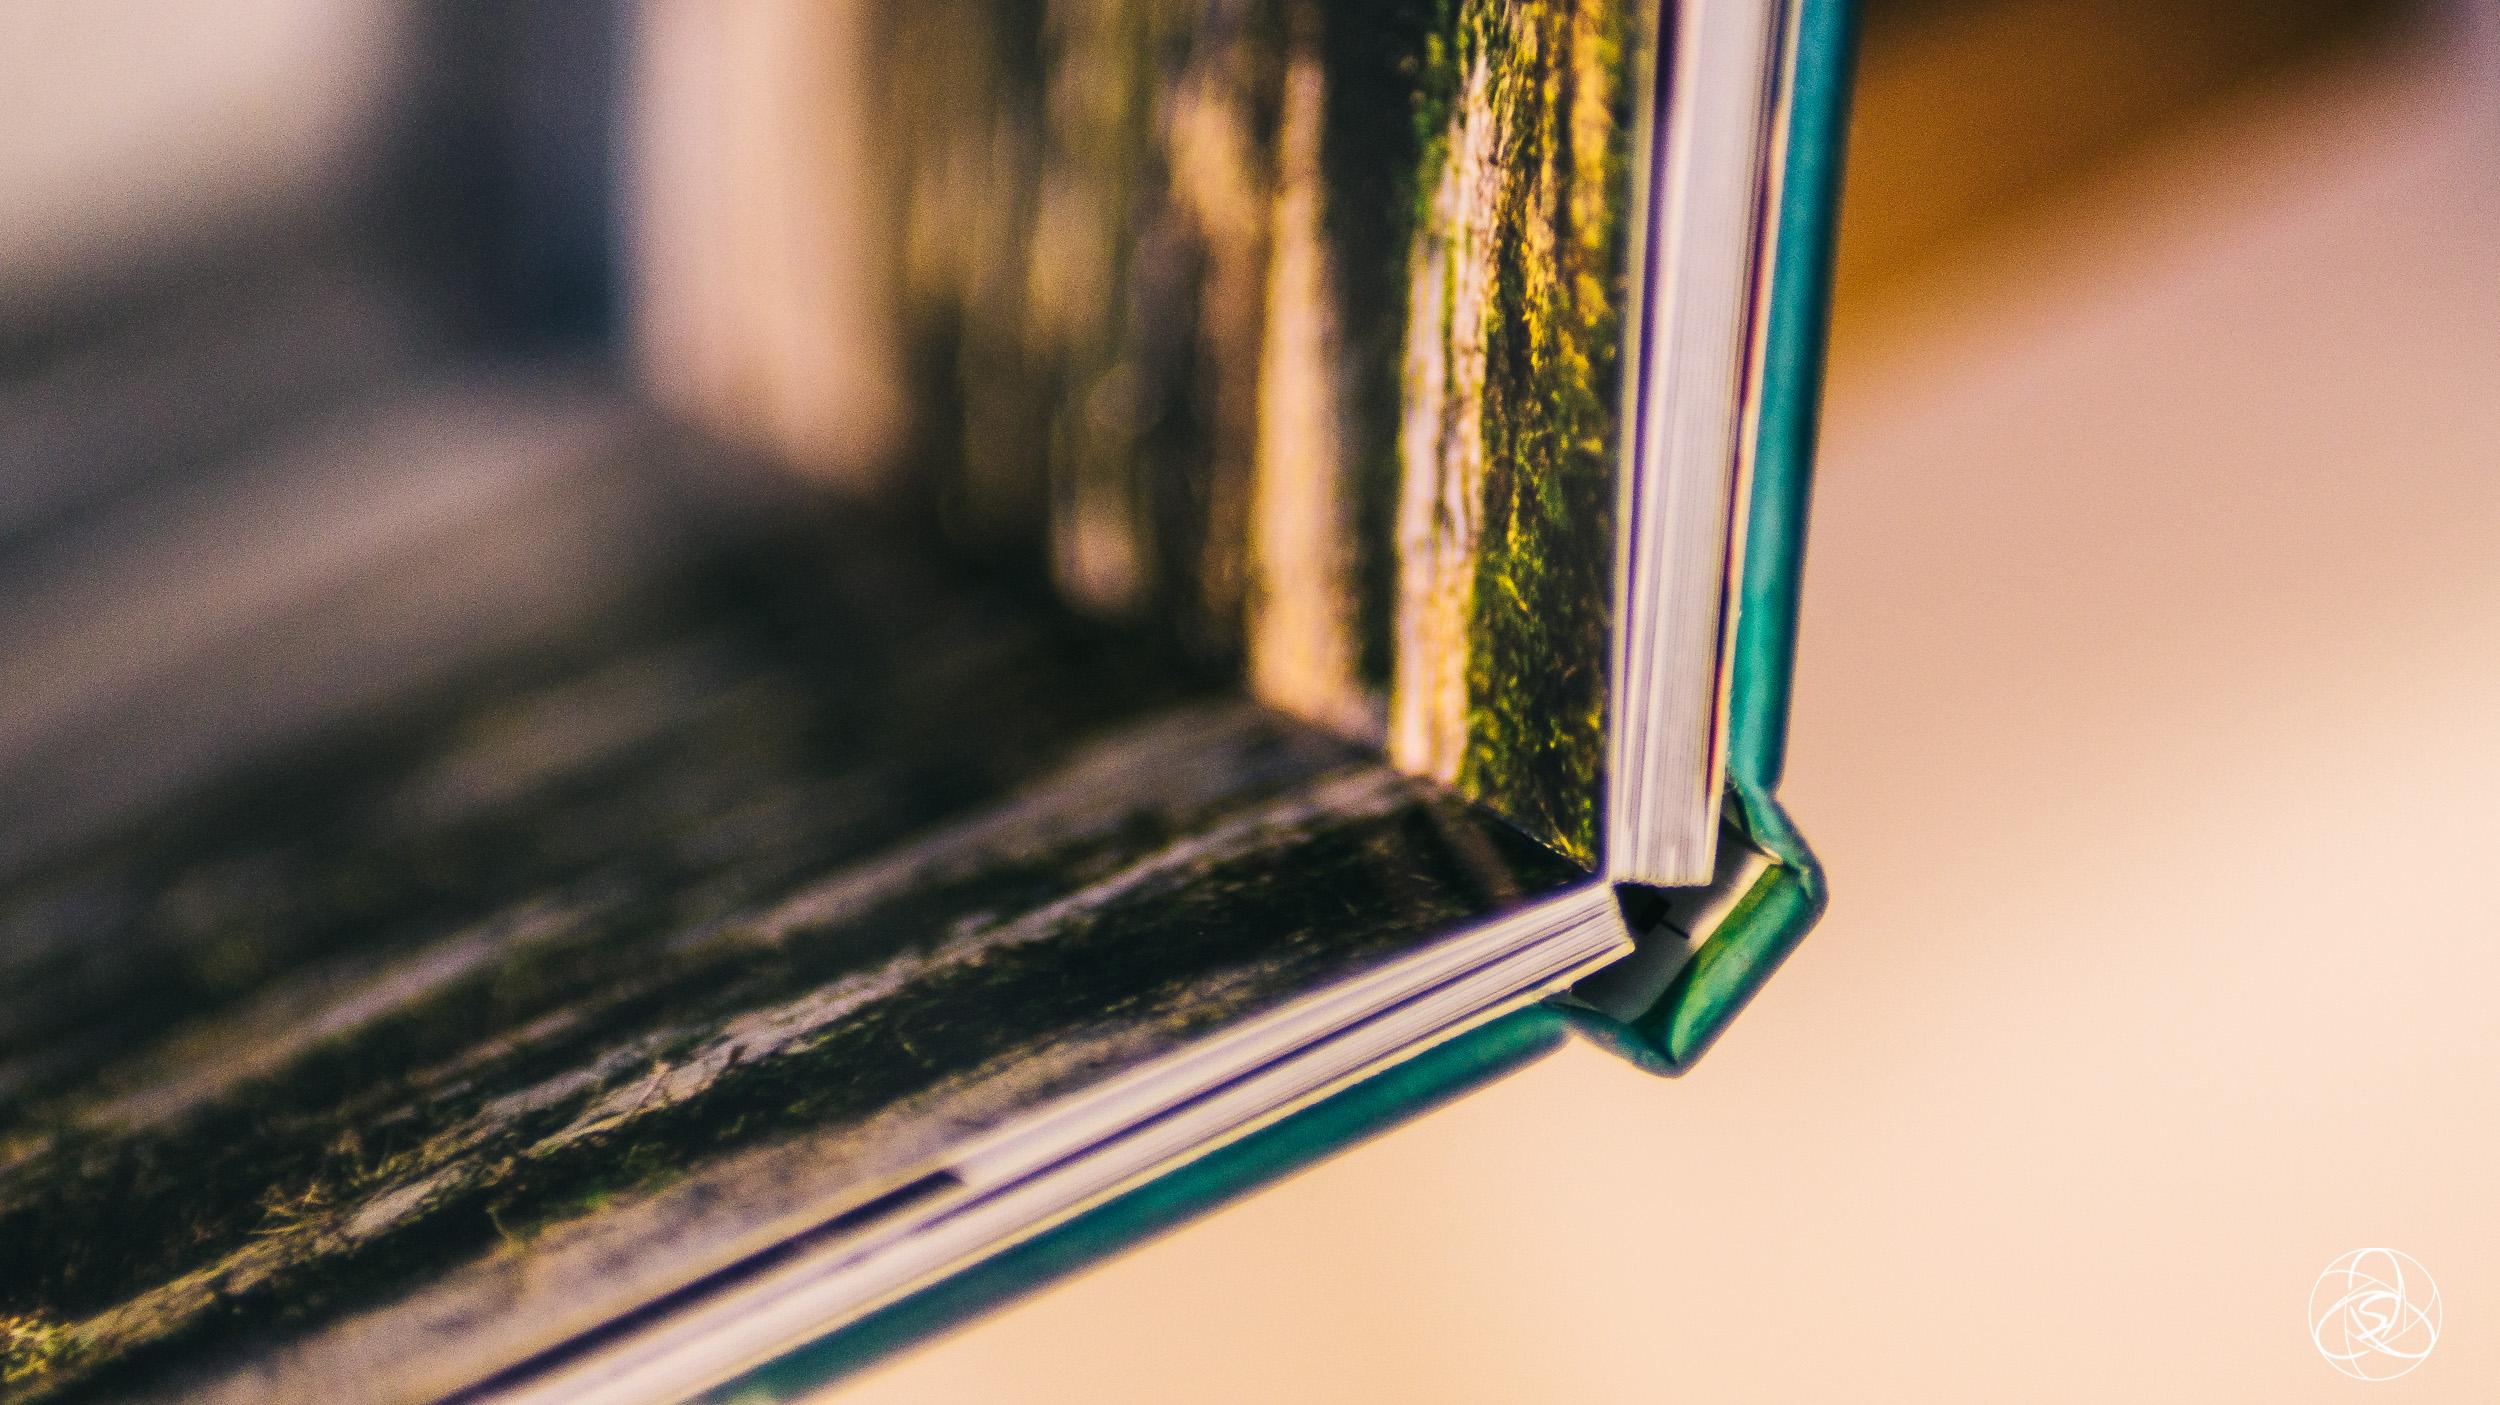 Der Standardeinband ist dick und stabil. Das Buch macht einen sehr wertigen Eindruck.